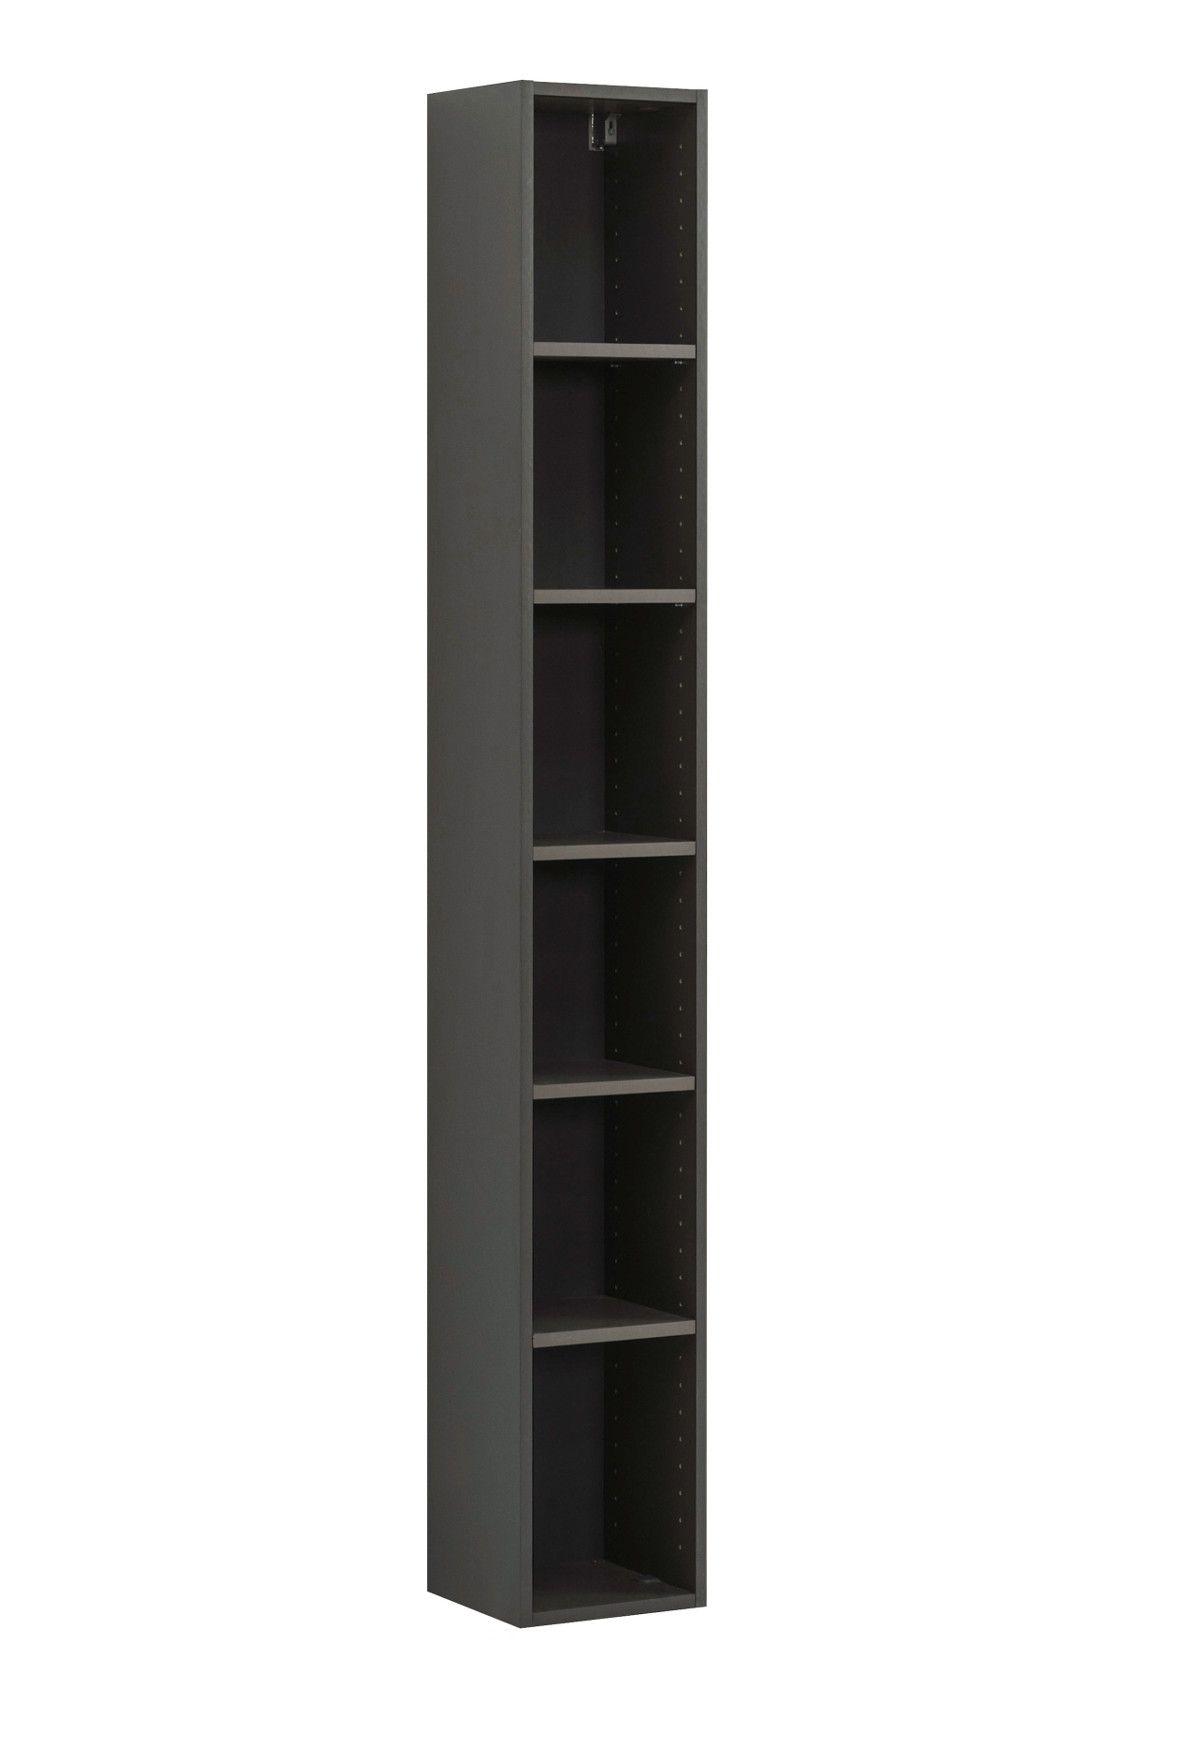 Badezimmer Regal 25 Cm Breit Images In 2020 Locker Storage Tall